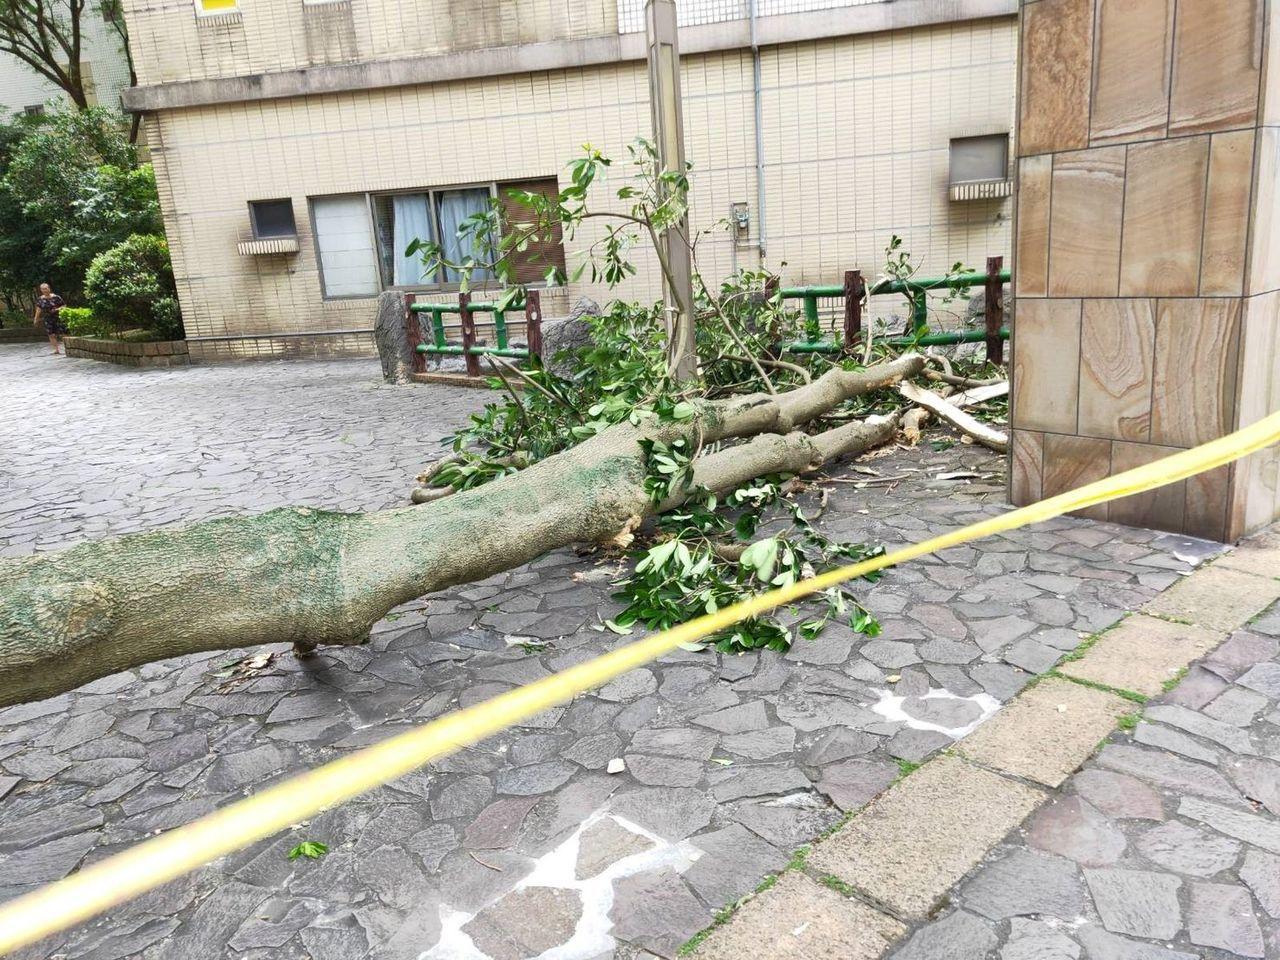 桃園市發生黑板木,被白蟻侵蝕樹幹中空,外表仍存活的高大樹木,9日上午突倒塌,砸中...